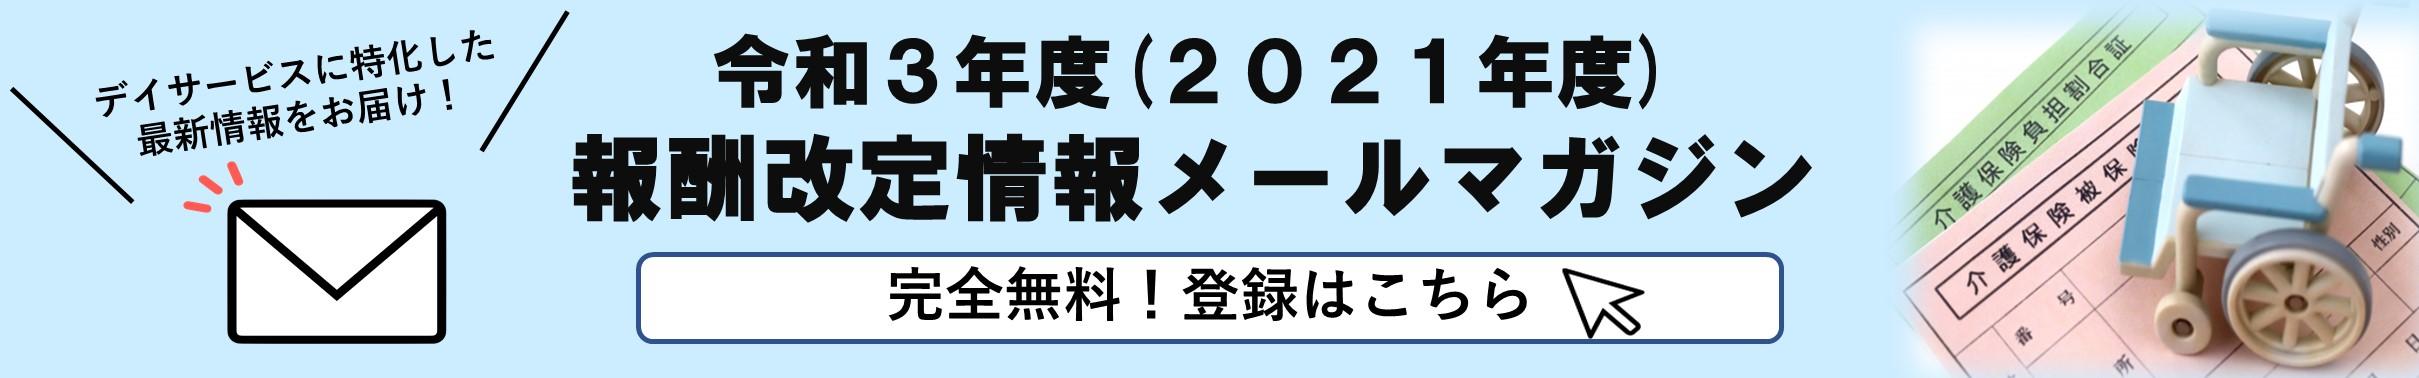 改定 2021 報酬 介護